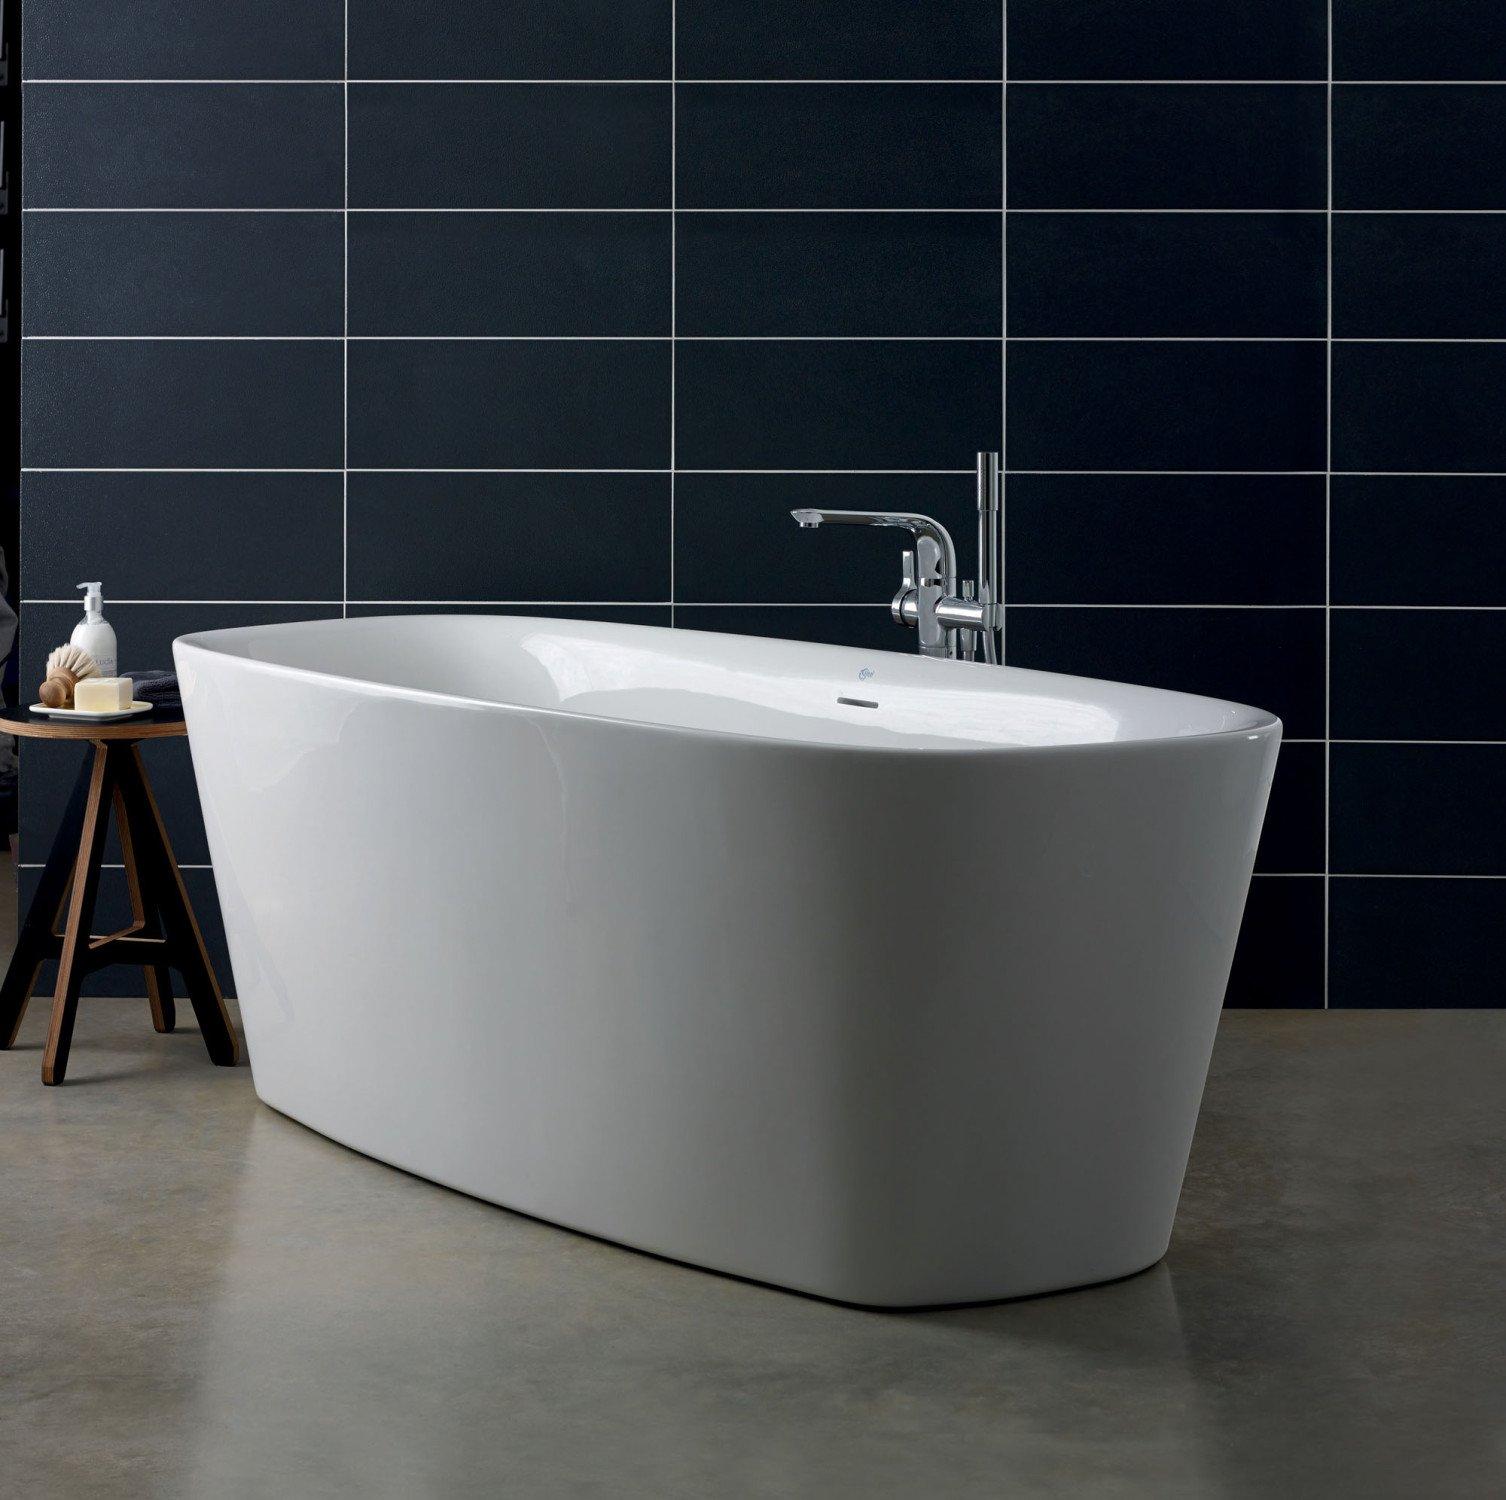 wannen bad und sanit r wannen baunetz wissen. Black Bedroom Furniture Sets. Home Design Ideas